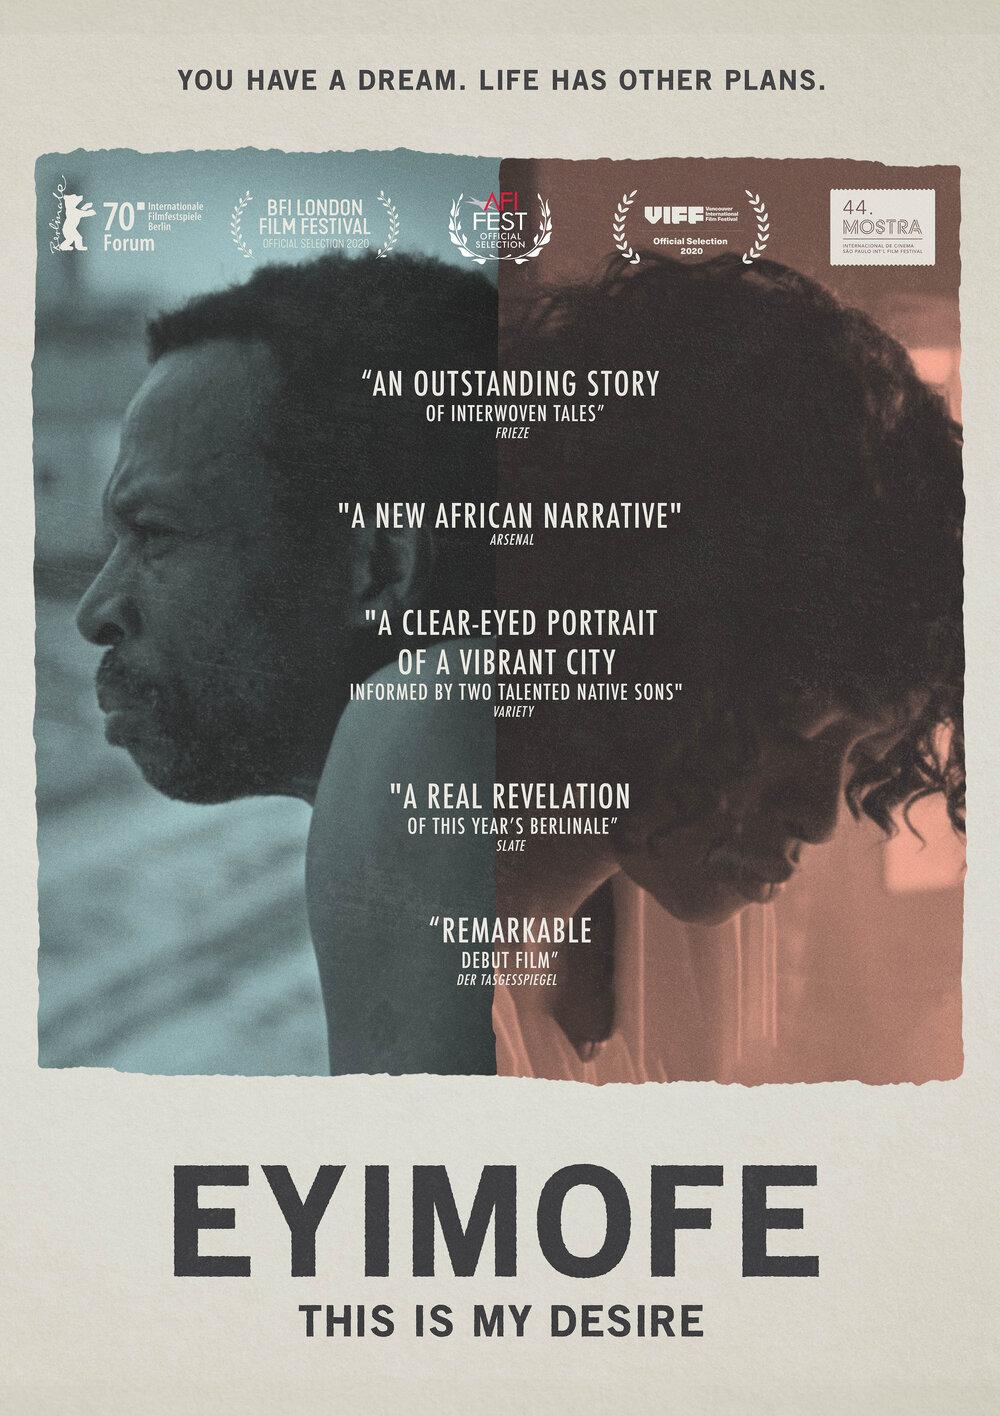 EYIMOFE